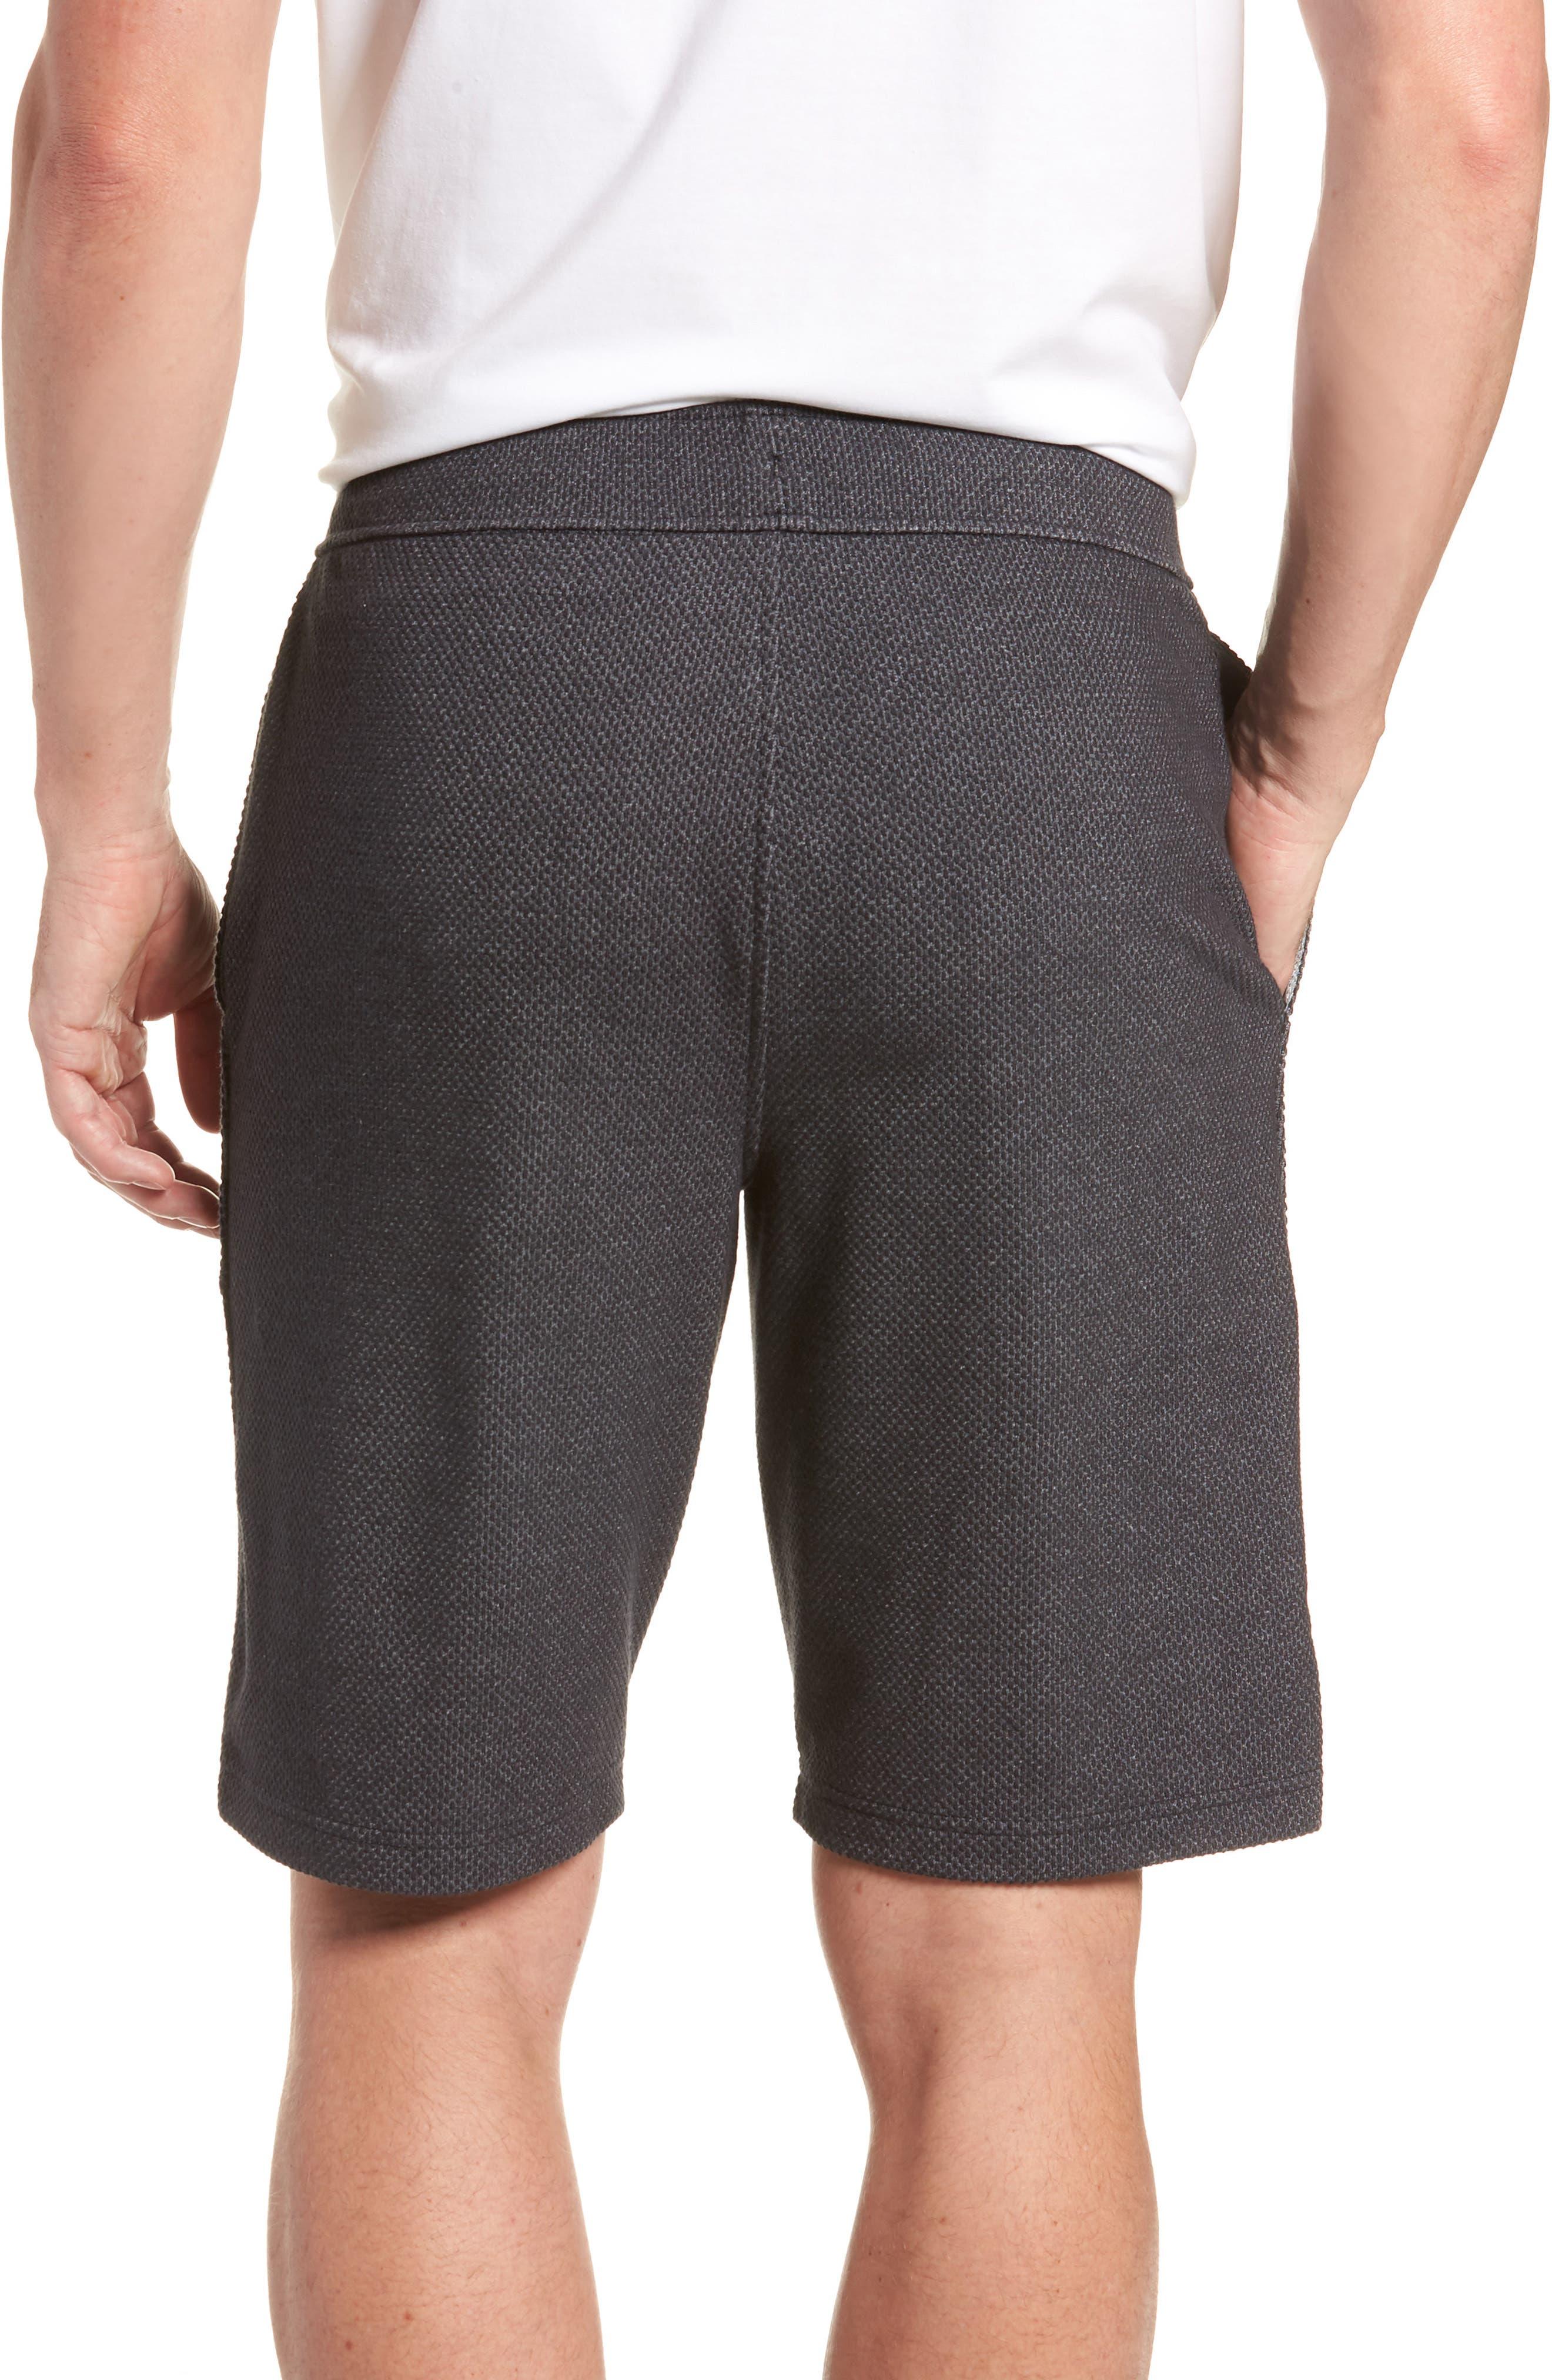 Pursuit Fleece Trim Fit Shorts,                             Alternate thumbnail 2, color,                             BLACK/ BLACK/ STEALTH GRAY